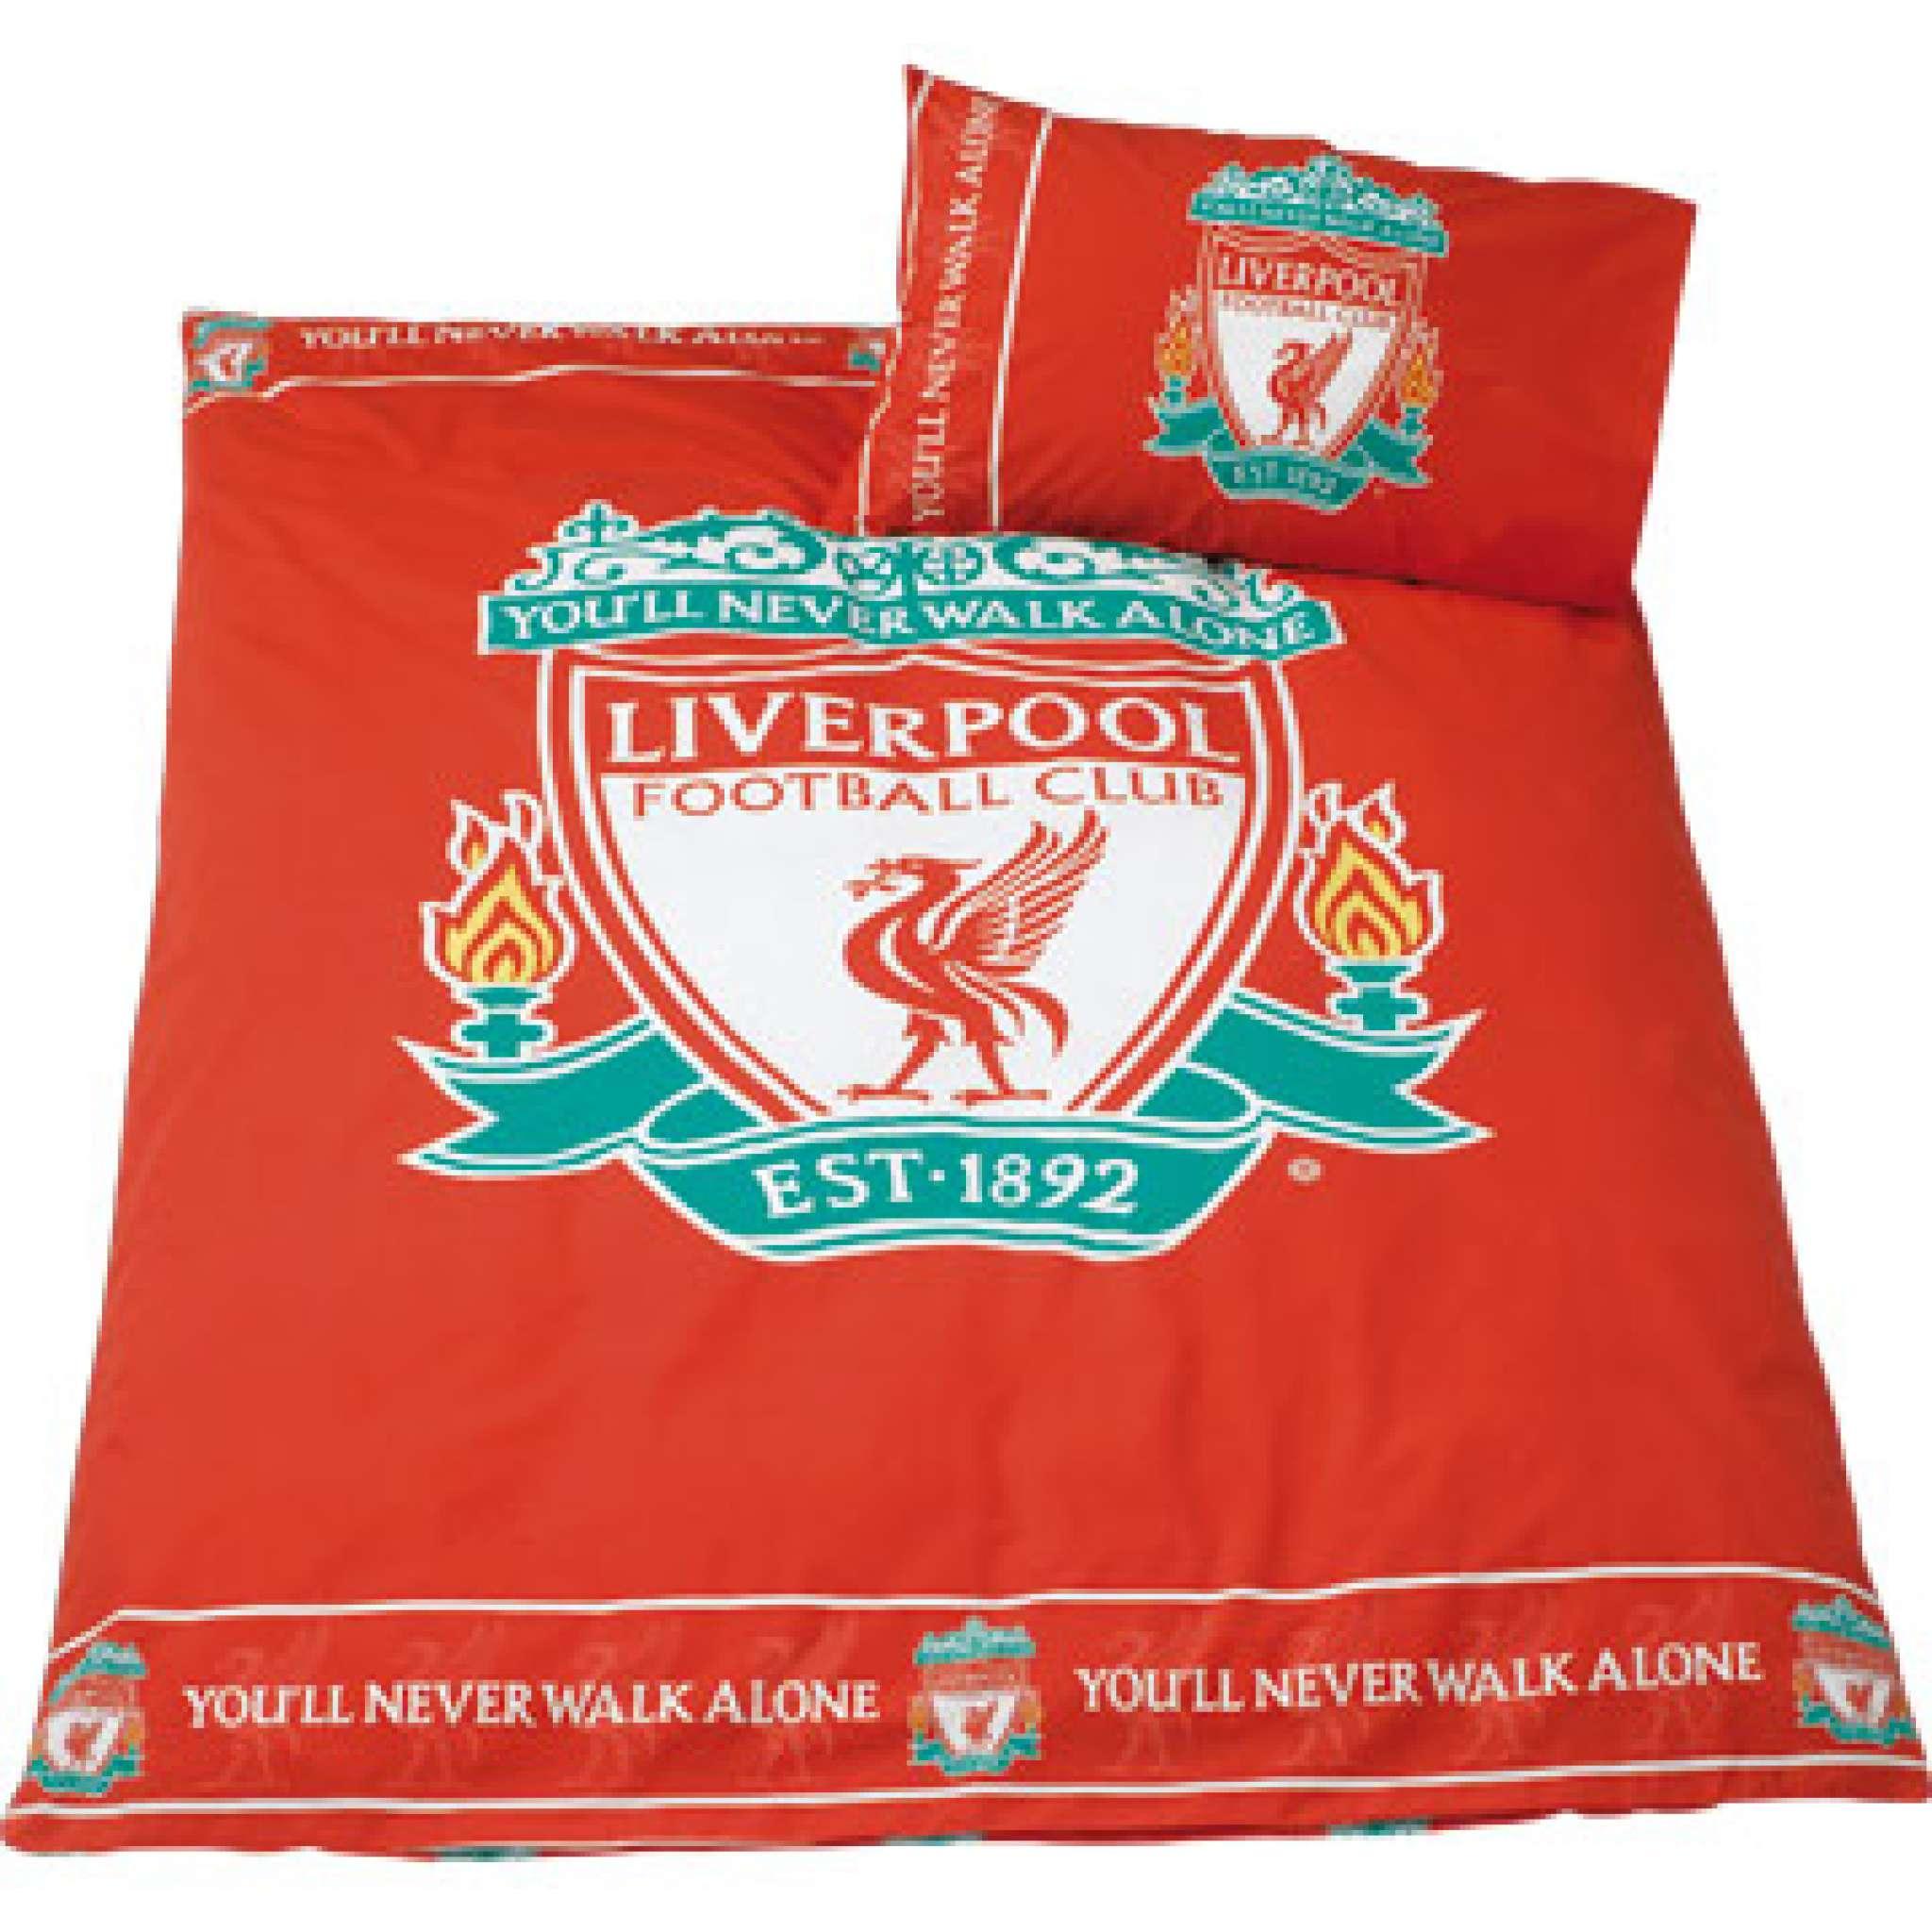 Sengesett Liverpool